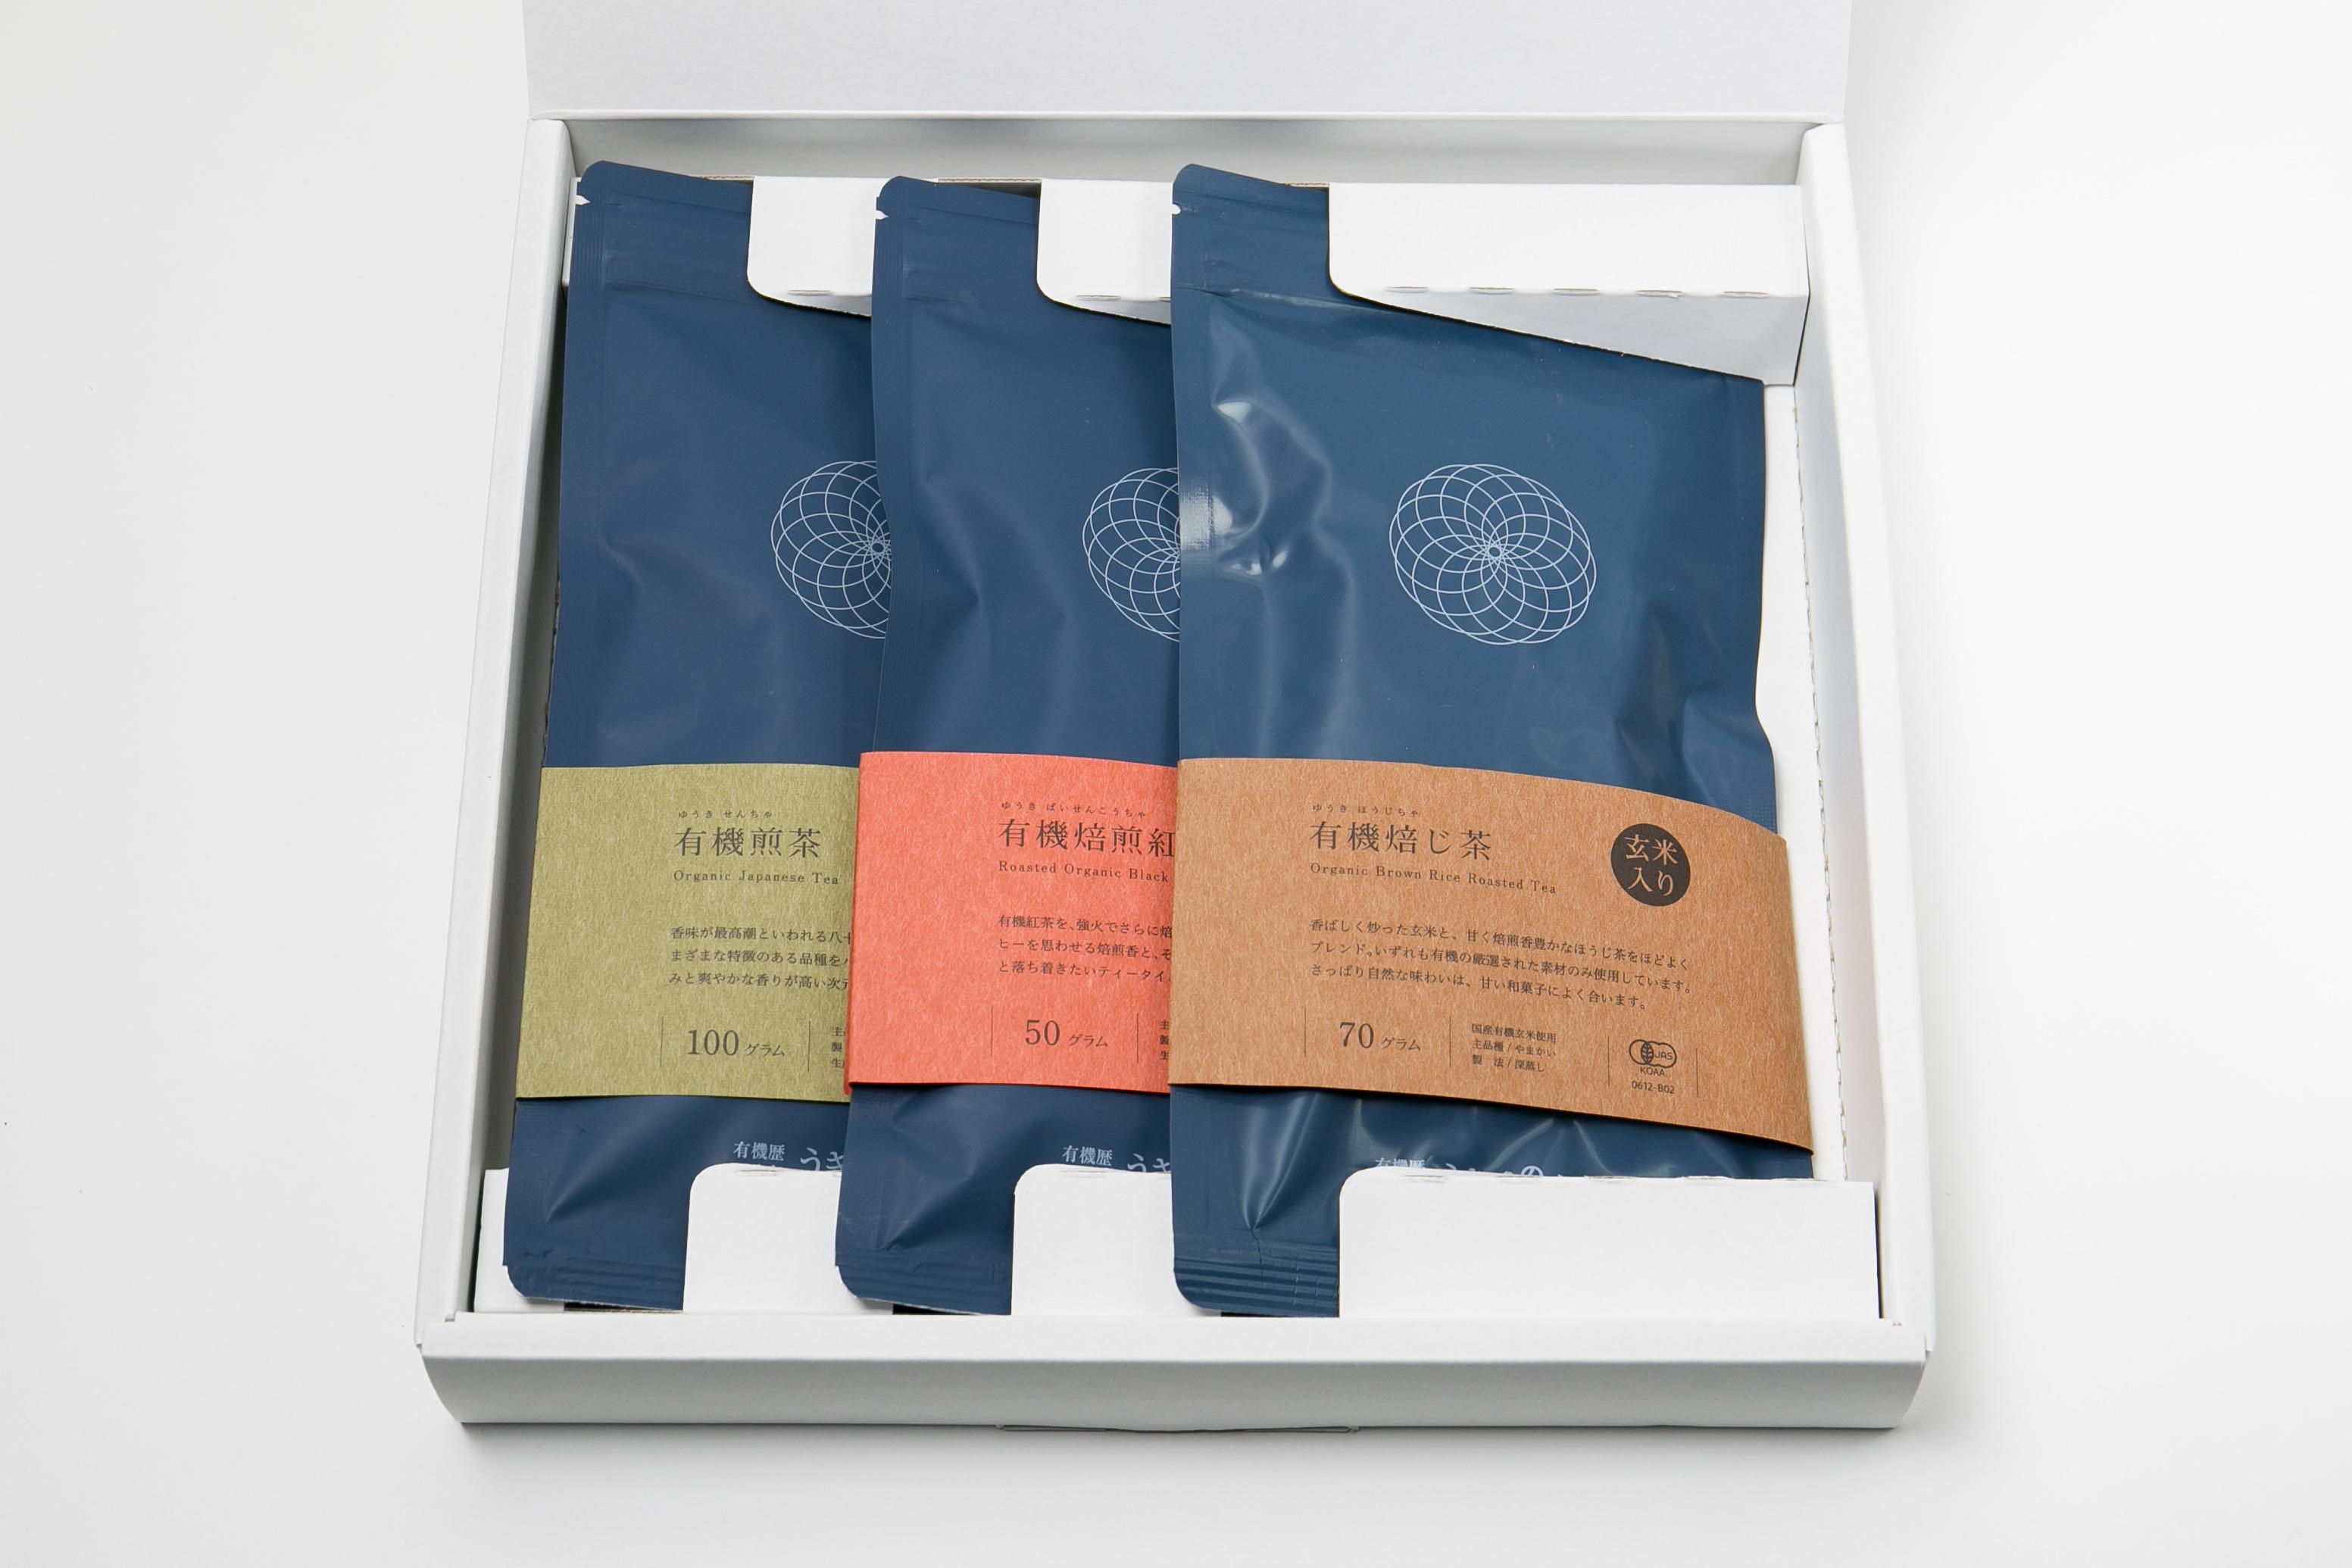 うきはの山茶 3本入 平箱 S-005 商品イメージ1